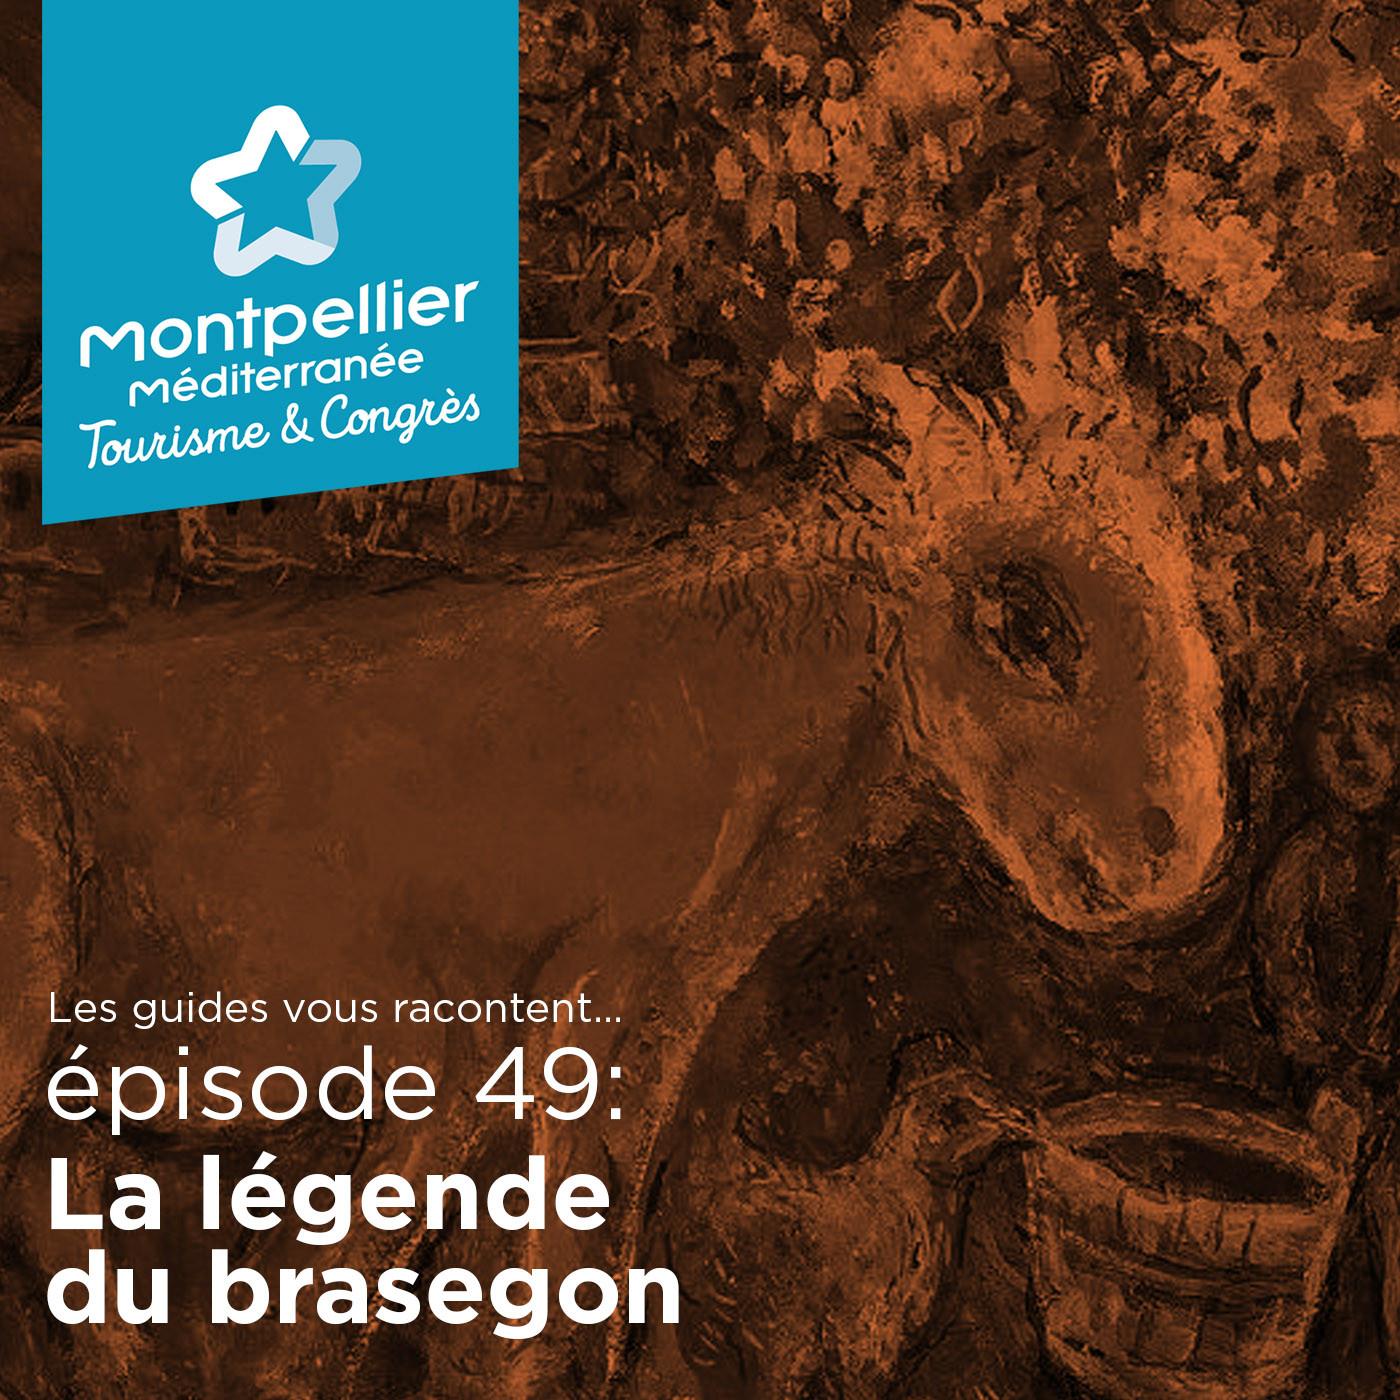 Episode 49: La légende du brasegon